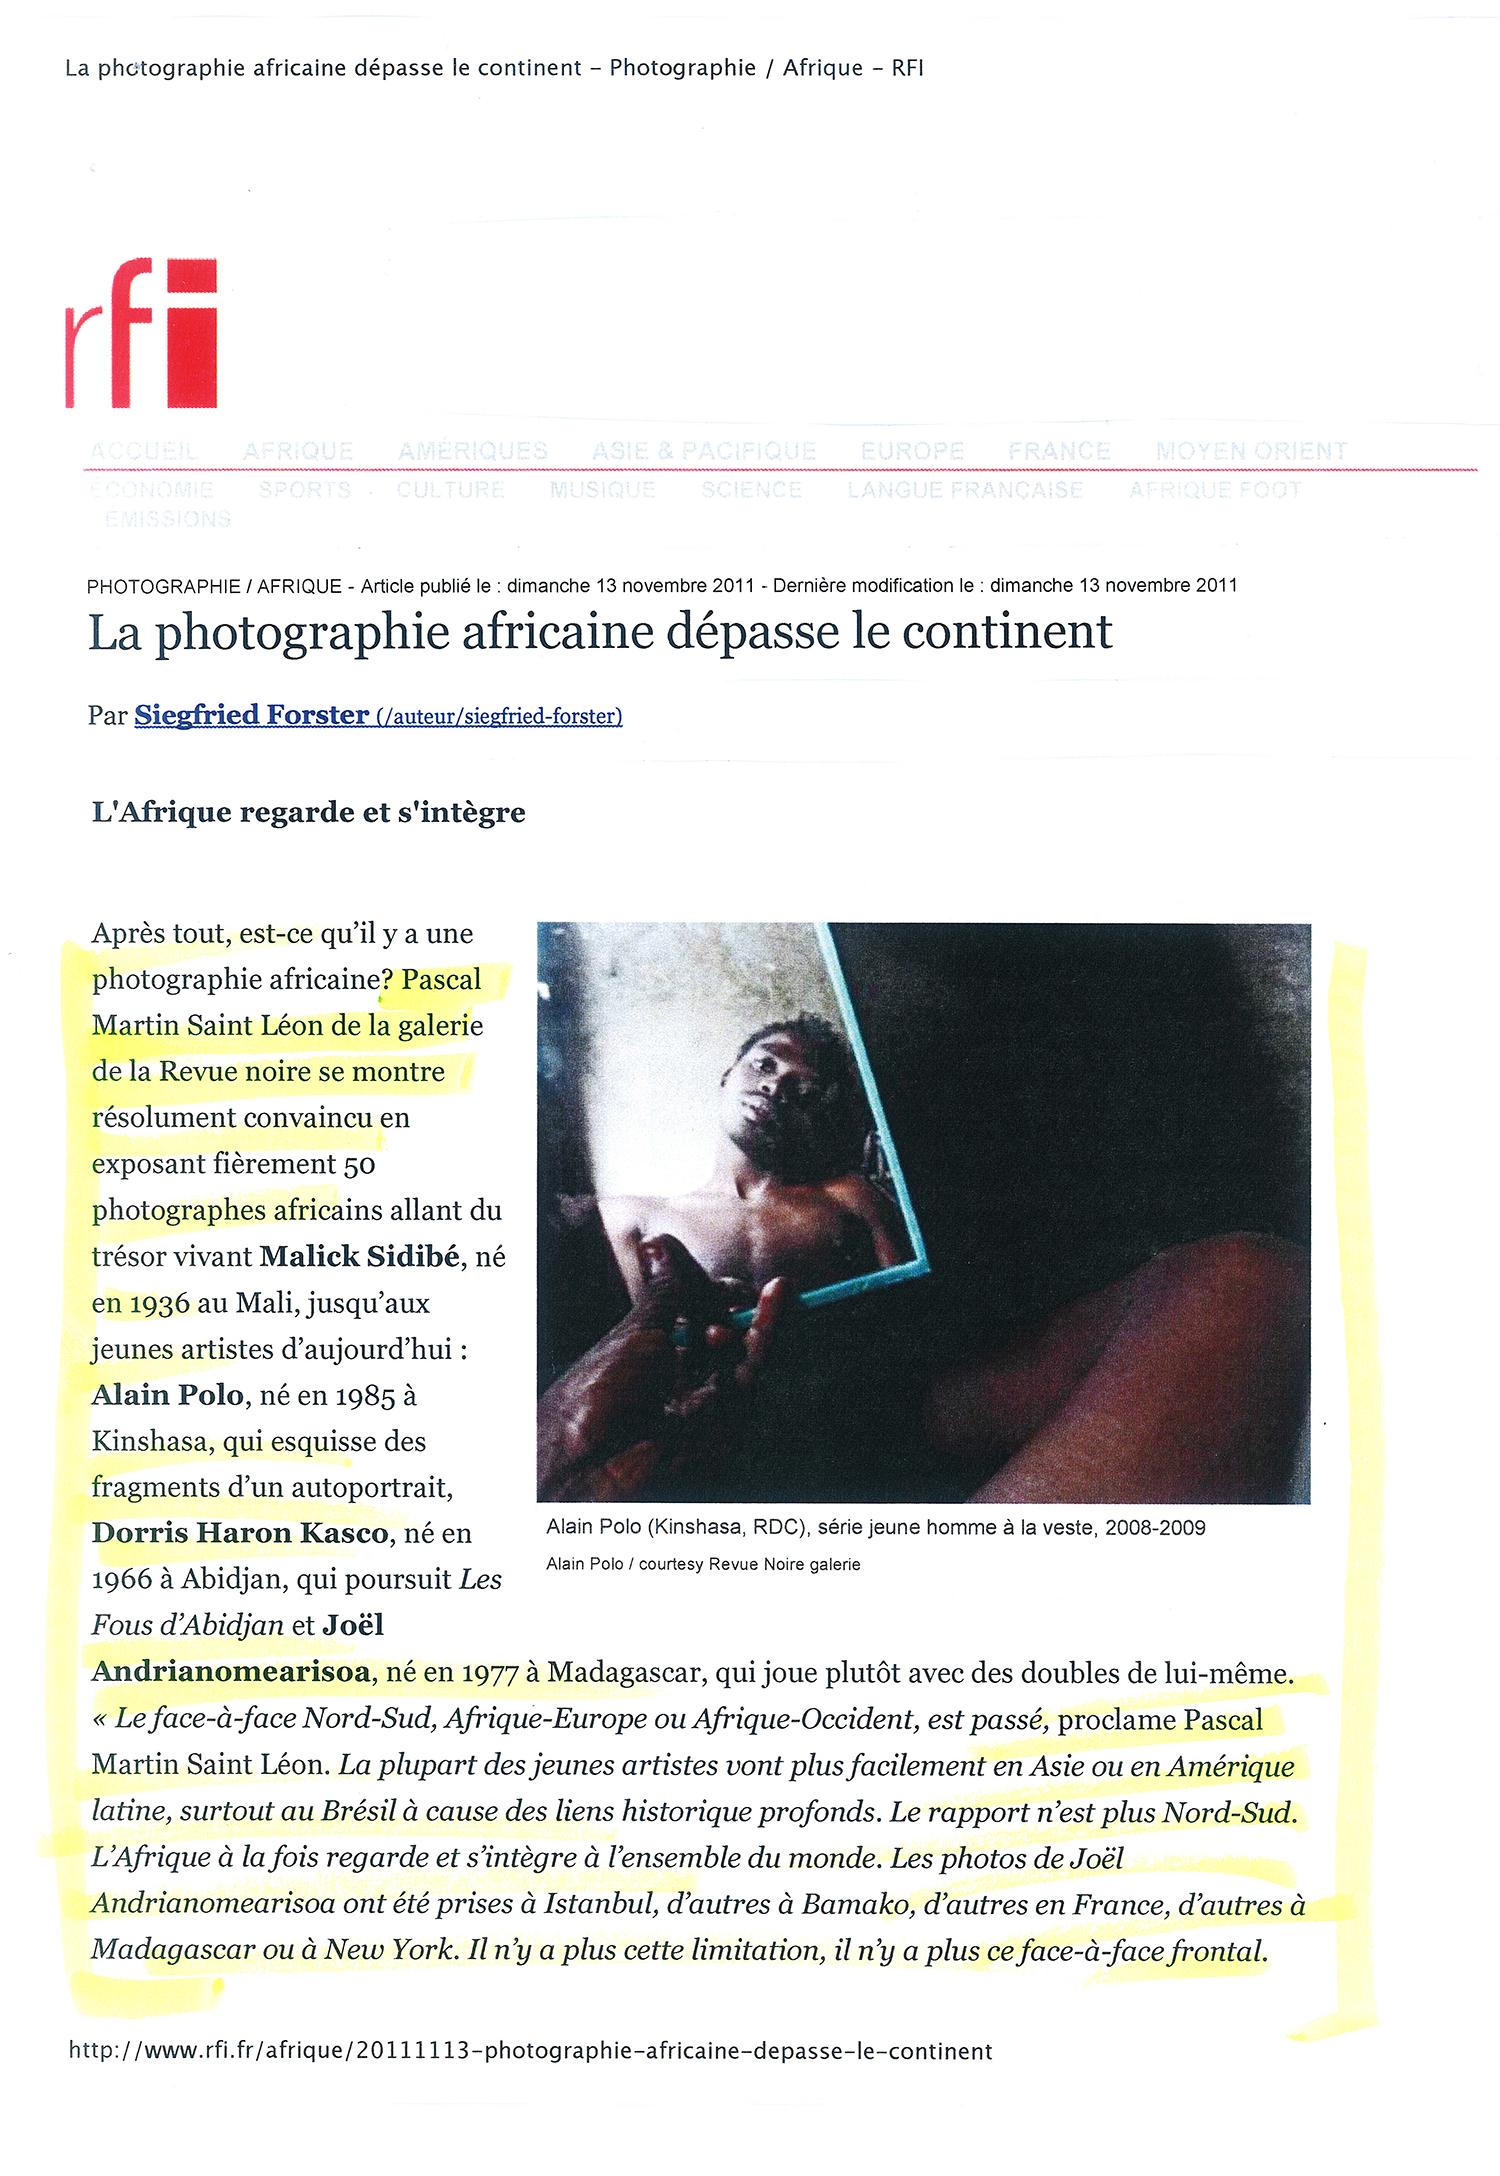 REVUE NOIRE revue de presse: RFI sept 2010 par Siegfried Forster. L'Afrique regarde et s'intègre, à propos de l'expo photo d'Alain Polo, RDCongo à la Maison Revue Noire